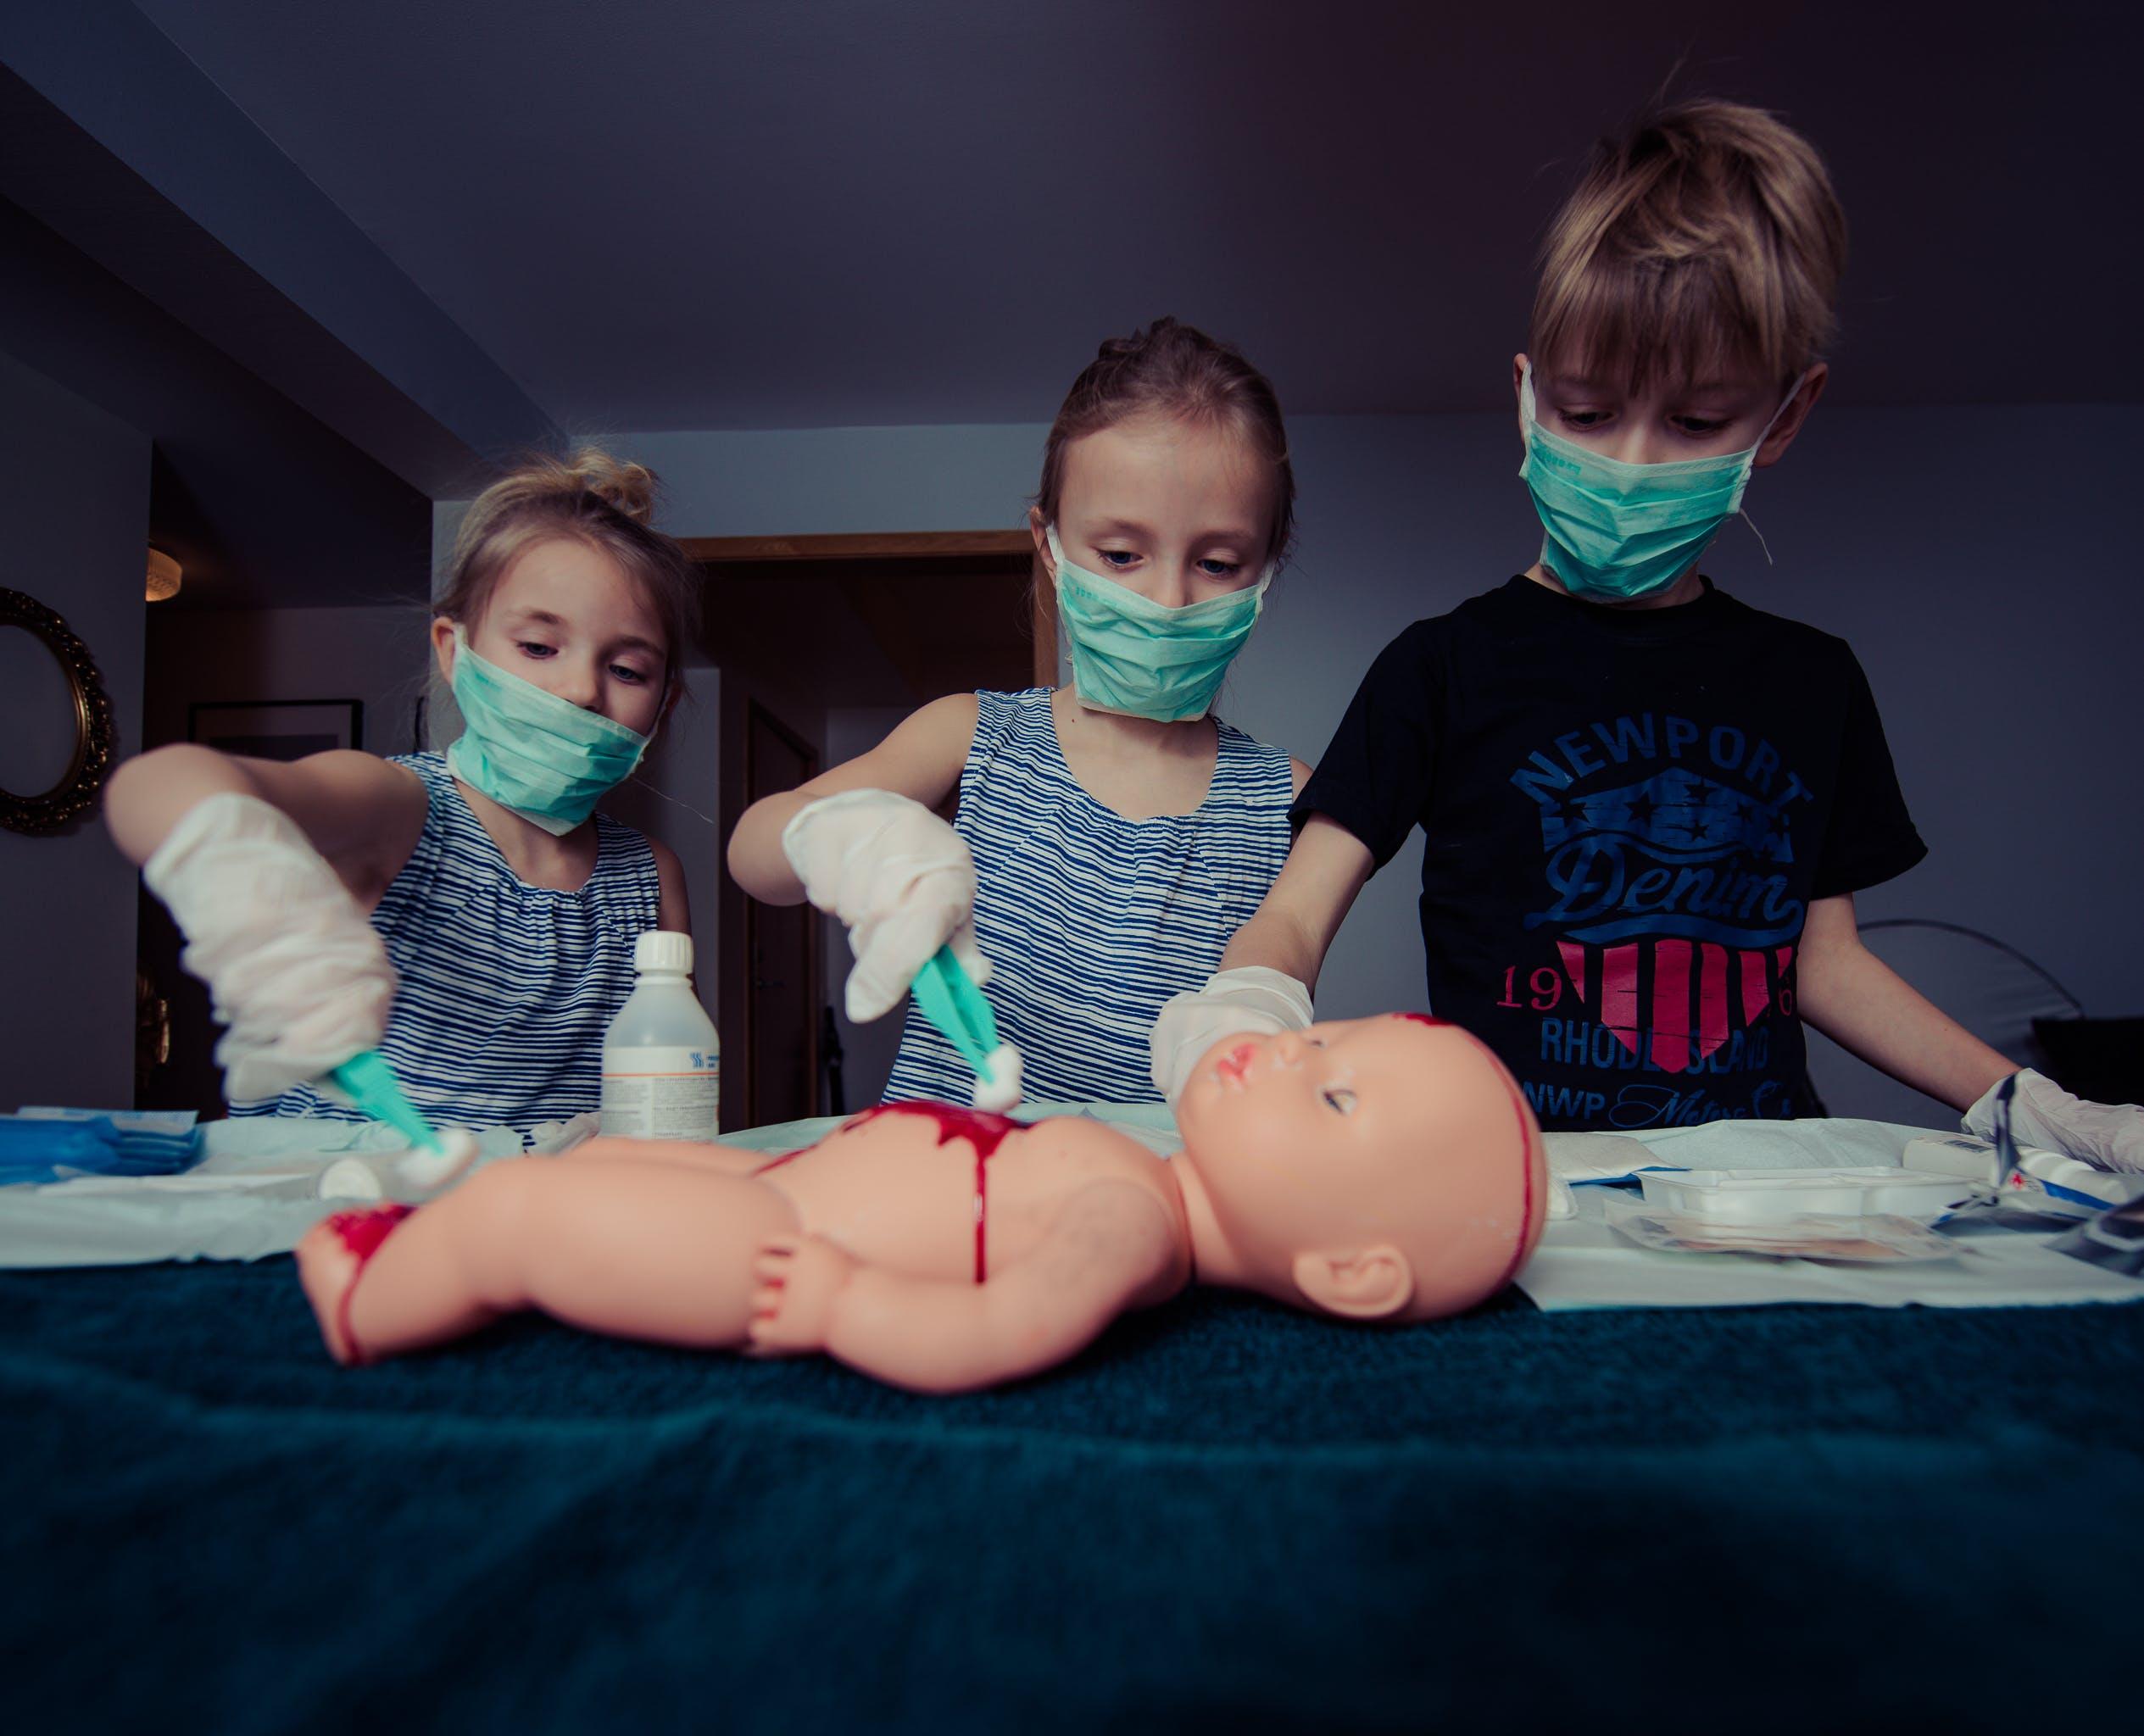 人形, 外科医, 女の子, 子の無料の写真素材